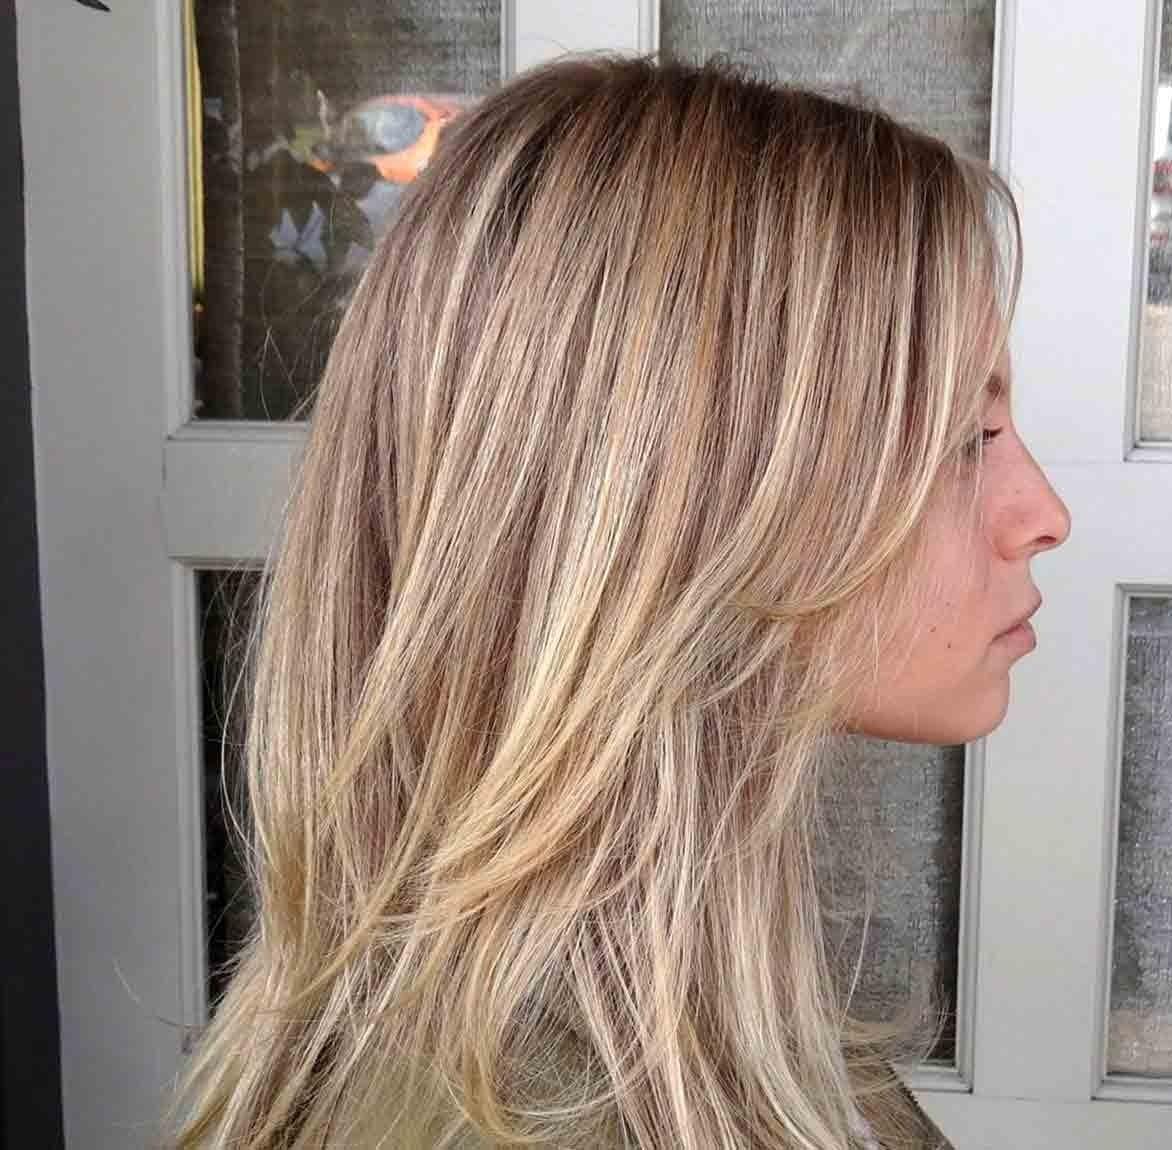 покраска методомброндирования(3D-окрашивание) на средние волосы